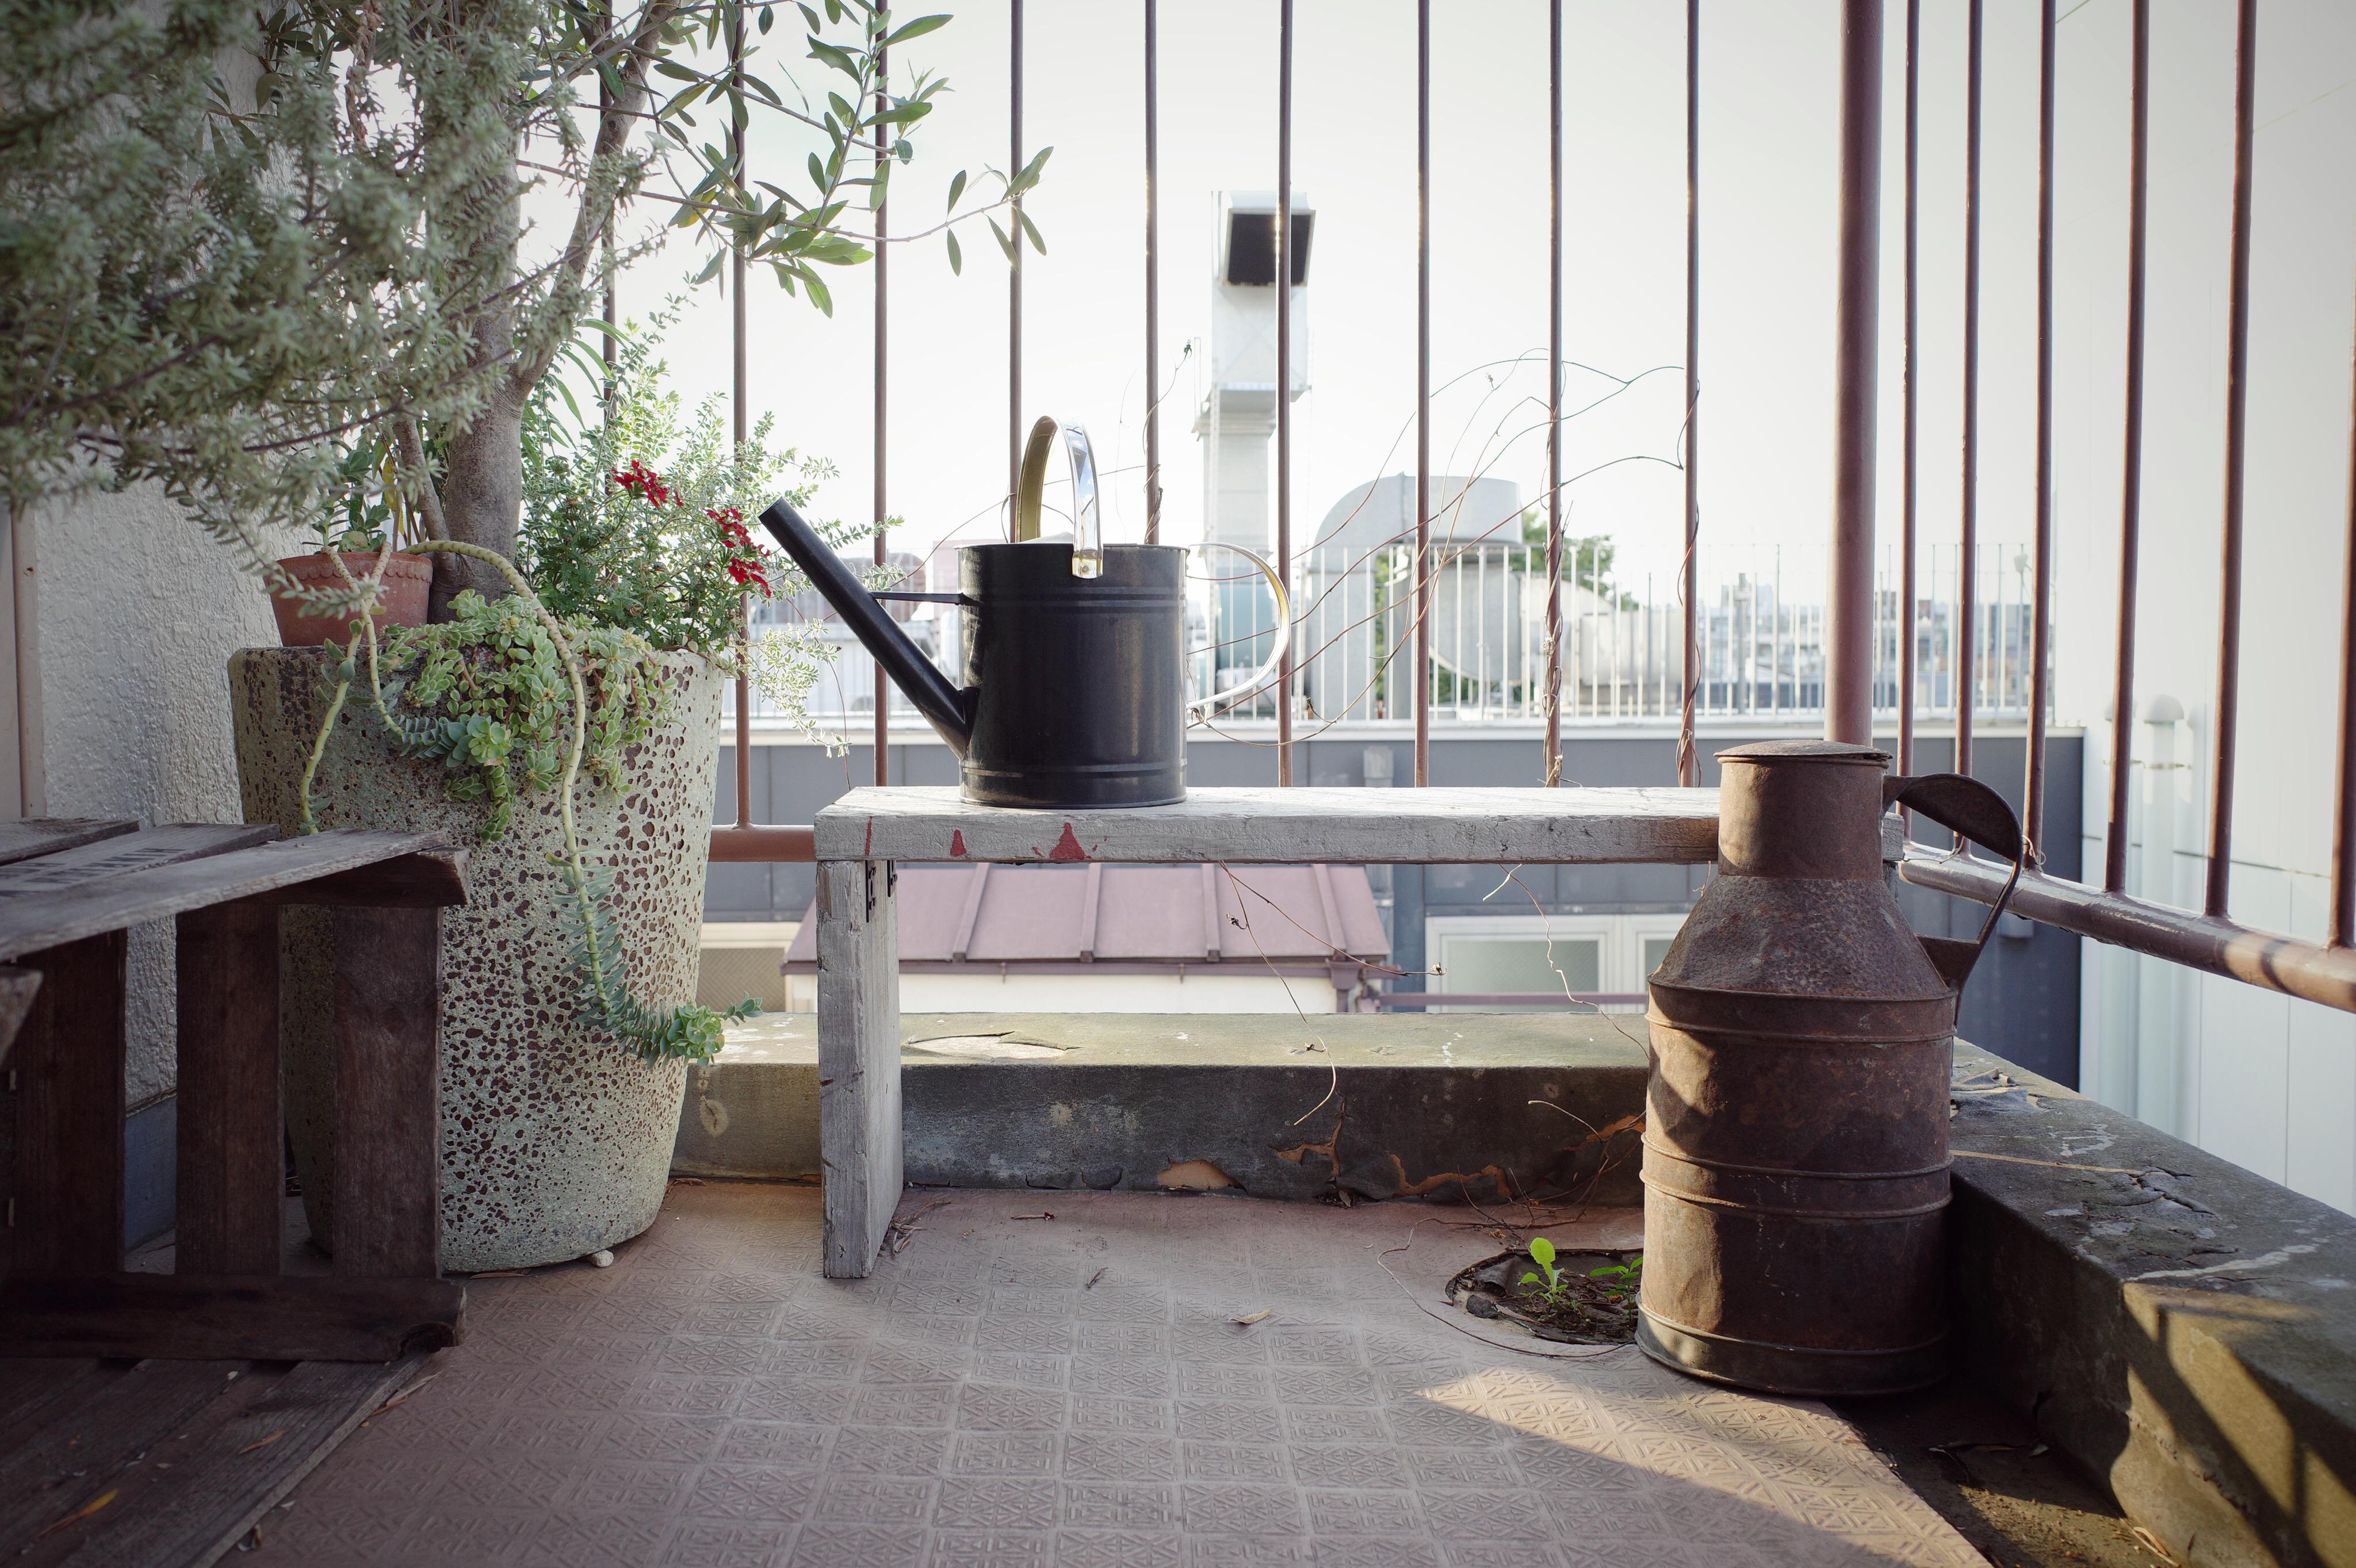 植物と相性のいいアンティークアイテム【玄関先を飾ろう⑫】